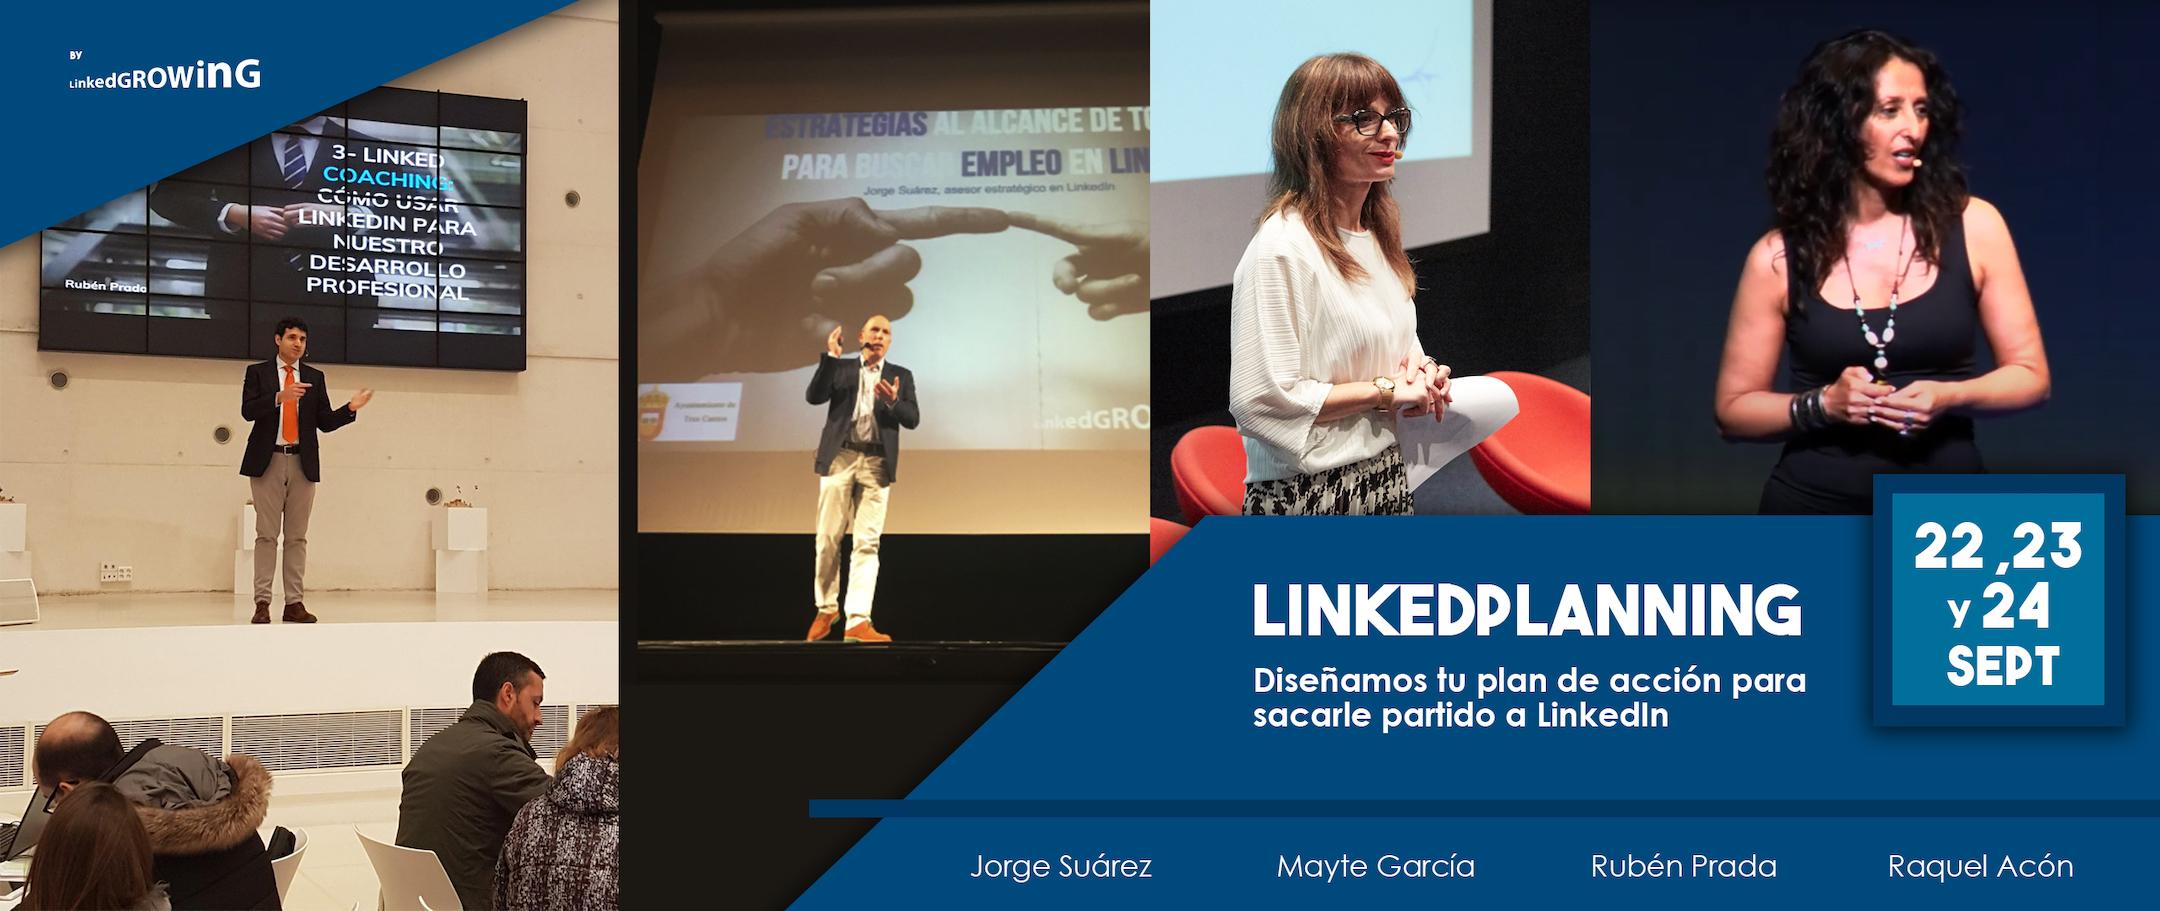 Llega LinkedPlanning: apúntate y diseña tu plan de acción en LinkedIn